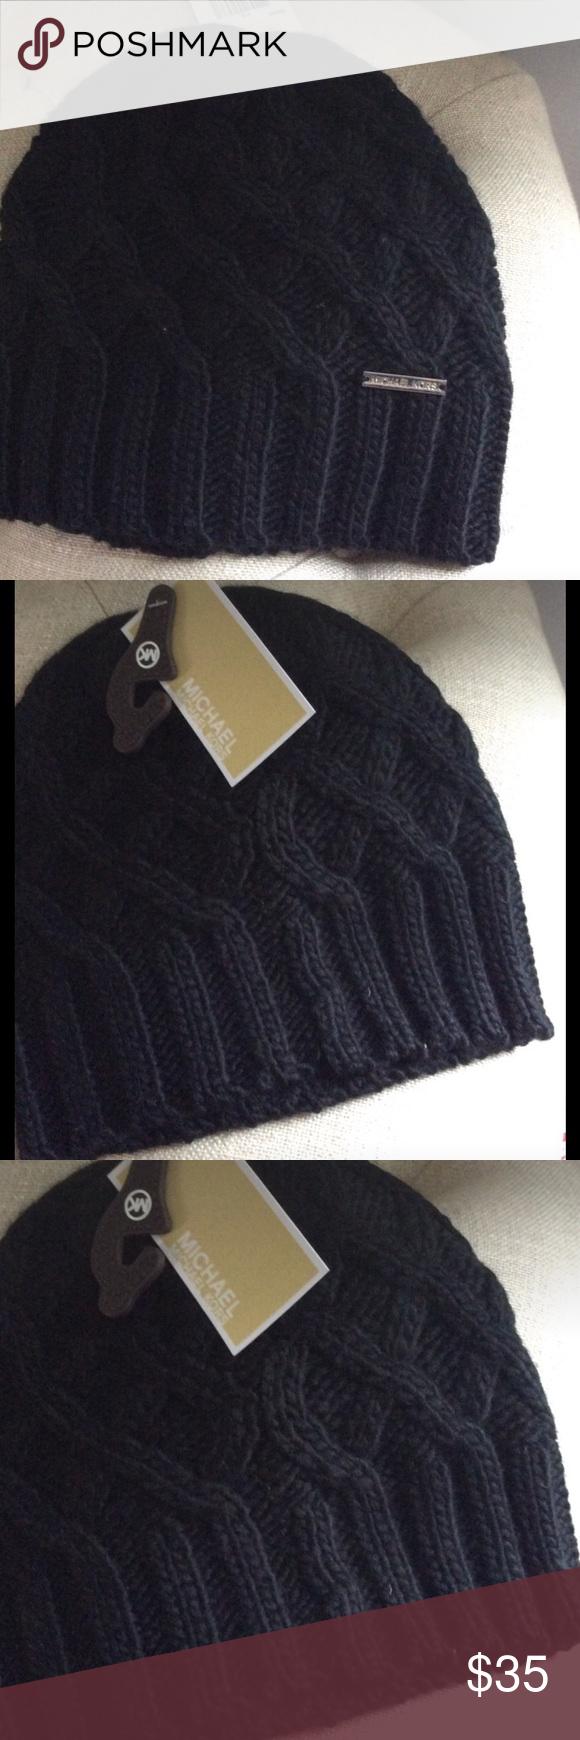 92e061af Michael Kors Winter Hat With Brim